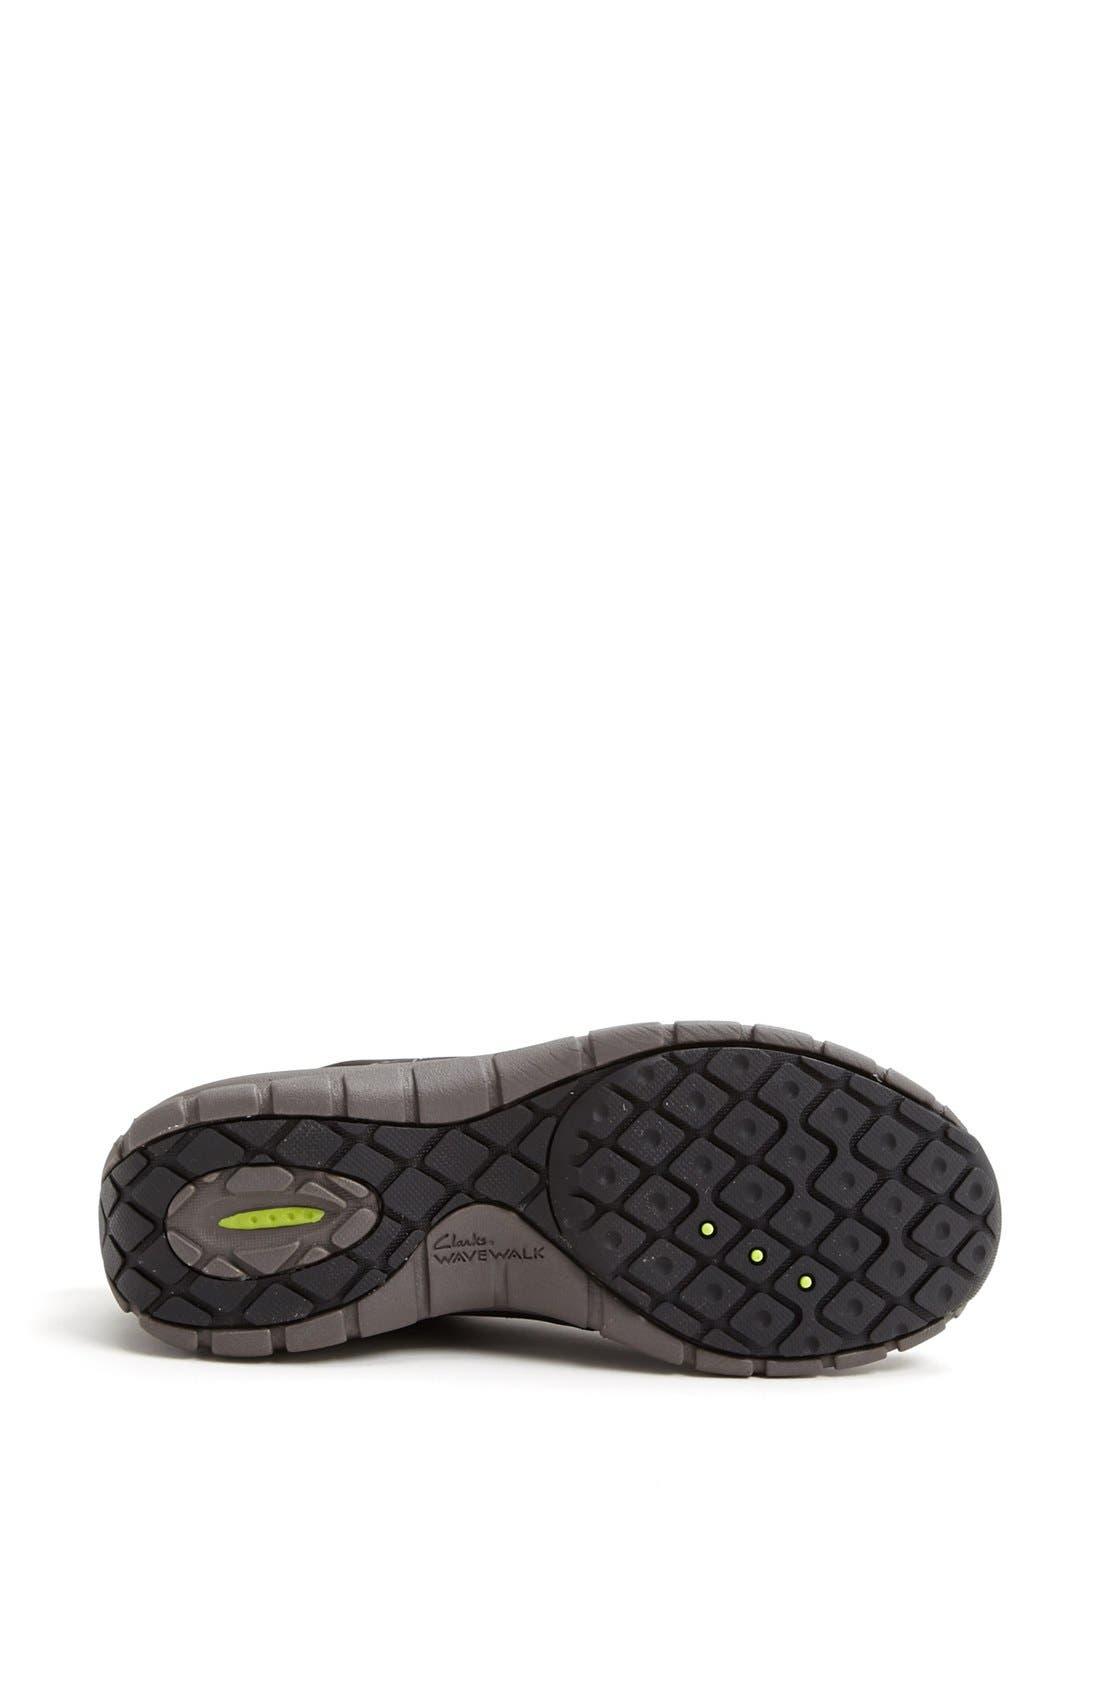 'Wave Trek' Waterproof Sneaker,                             Alternate thumbnail 2, color,                             005